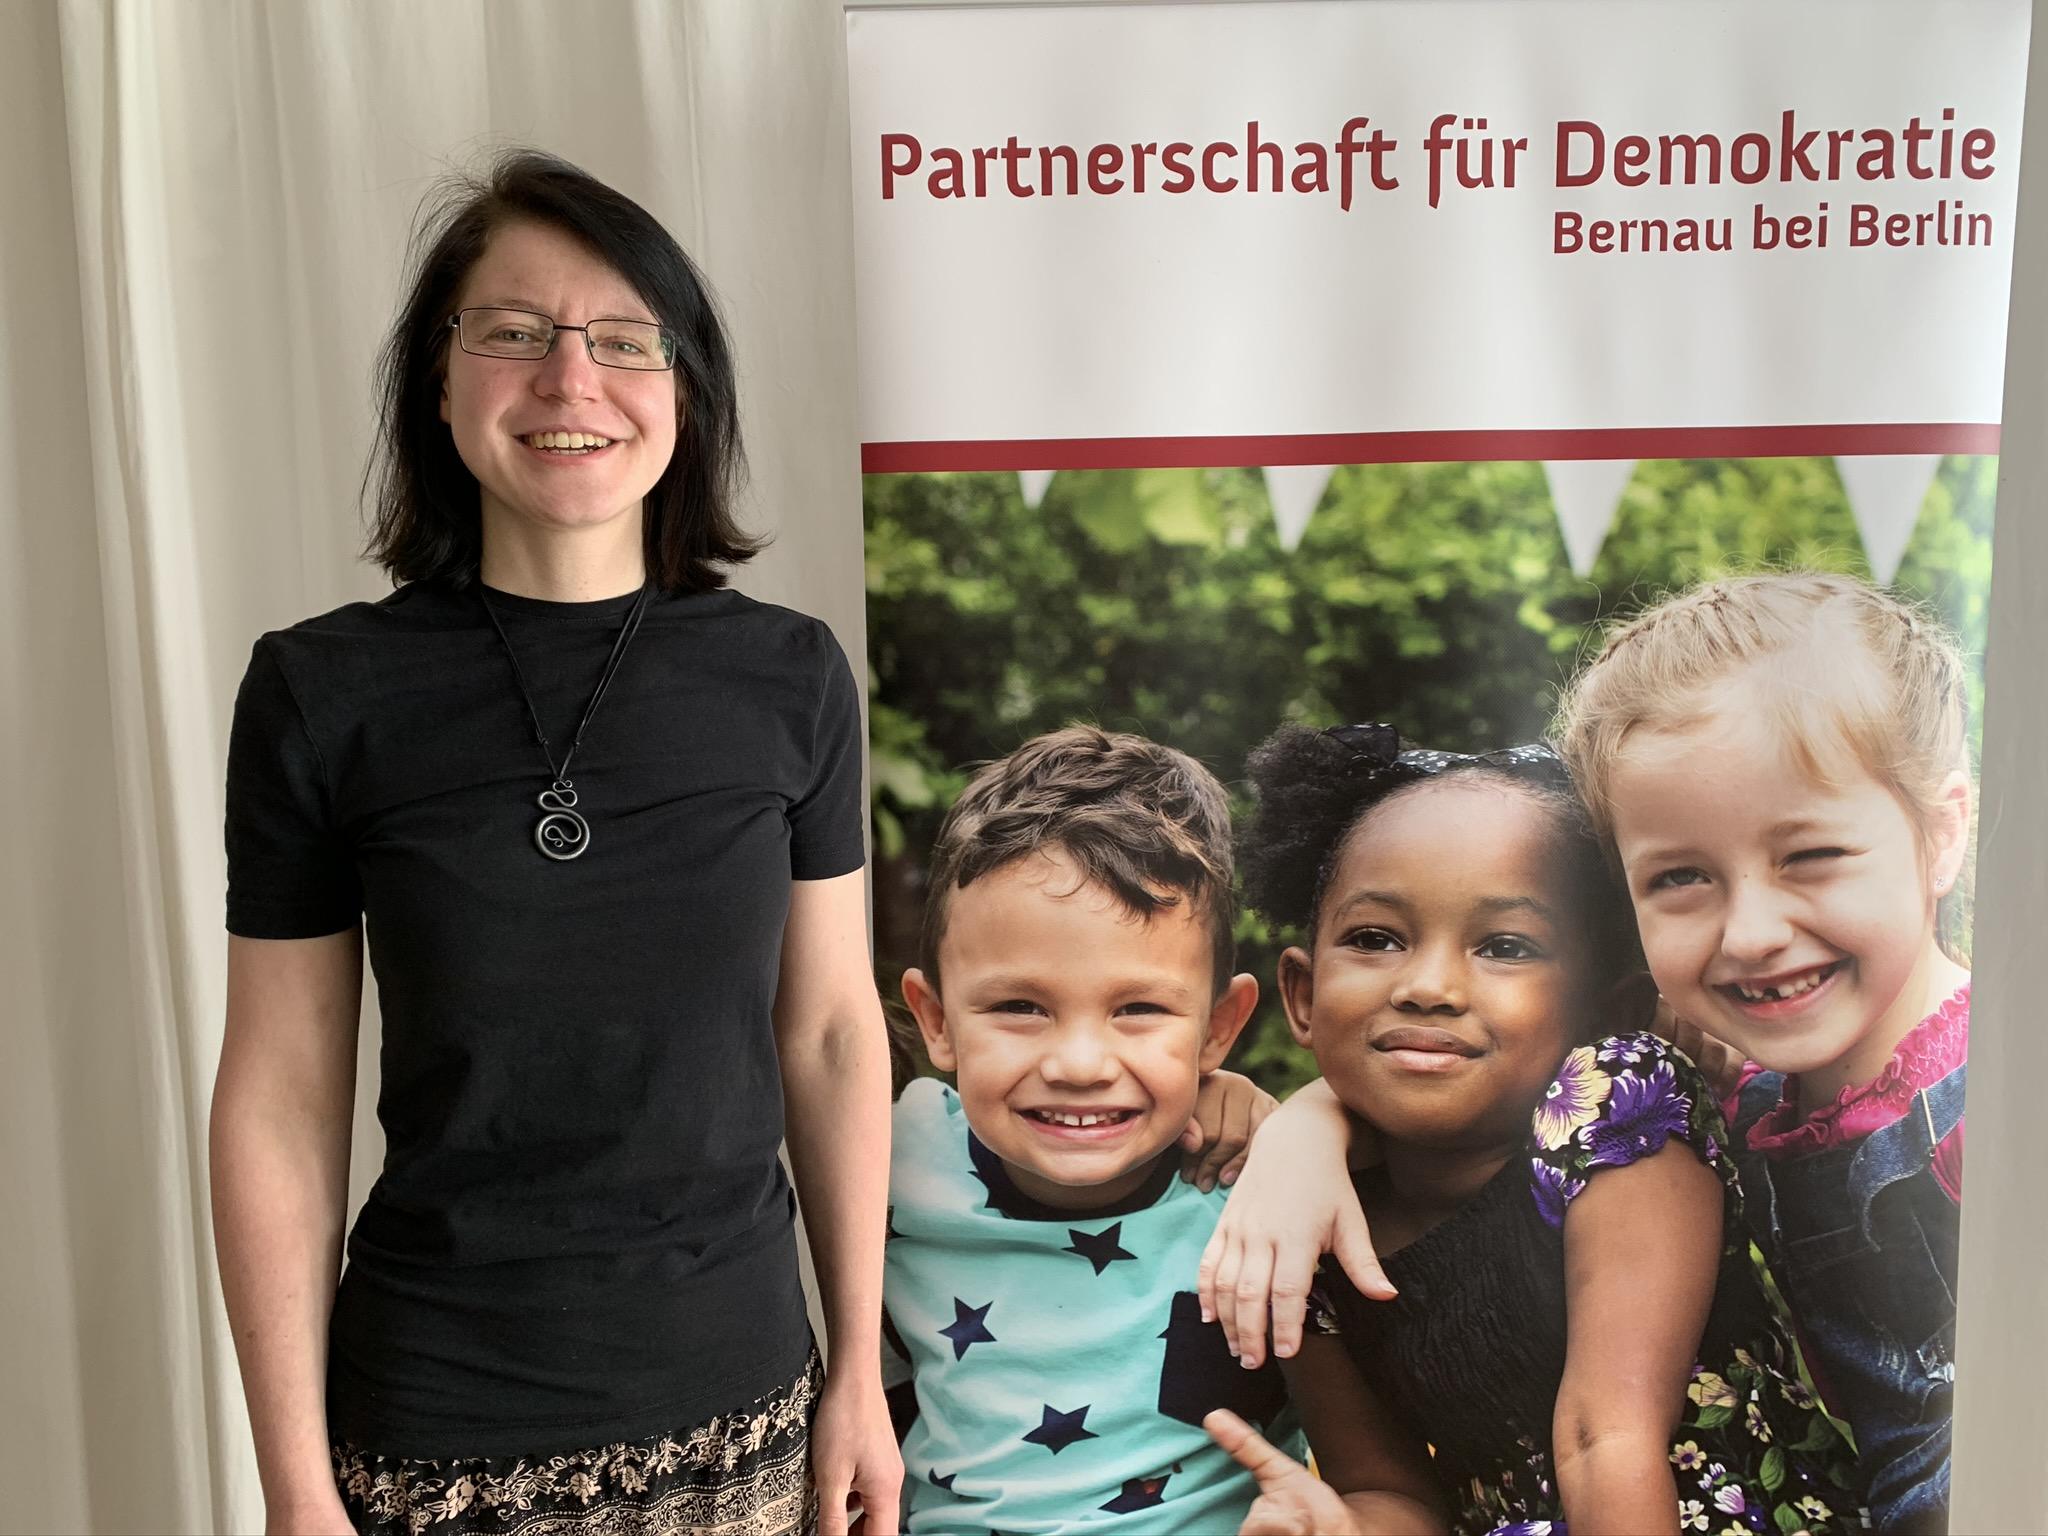 Johanna Seeger, Fach- und Koordinierungsstelle der Partnerschaft für Dmeokratie in Bernau